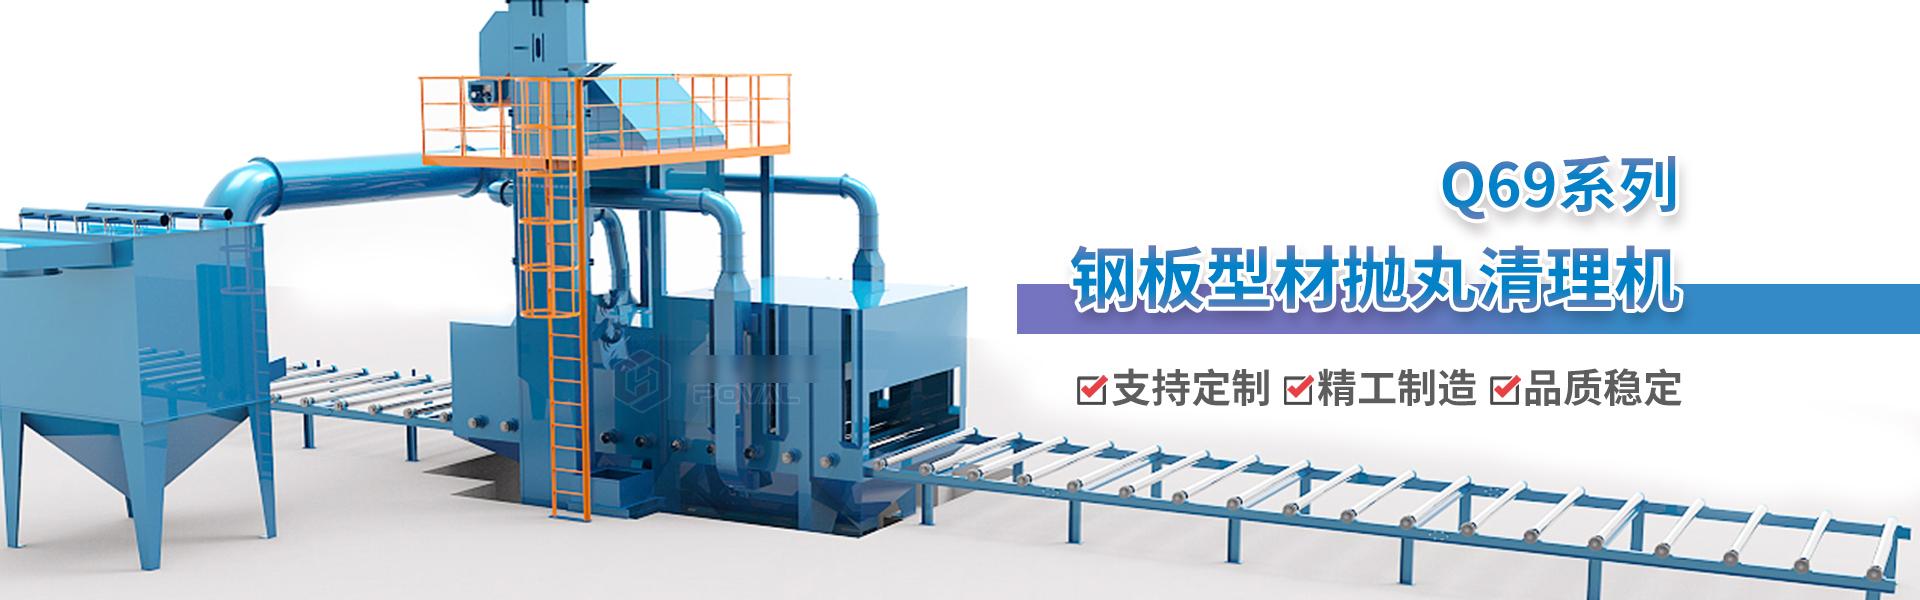 鋼板型材拋丸(wan)機_除銹清理